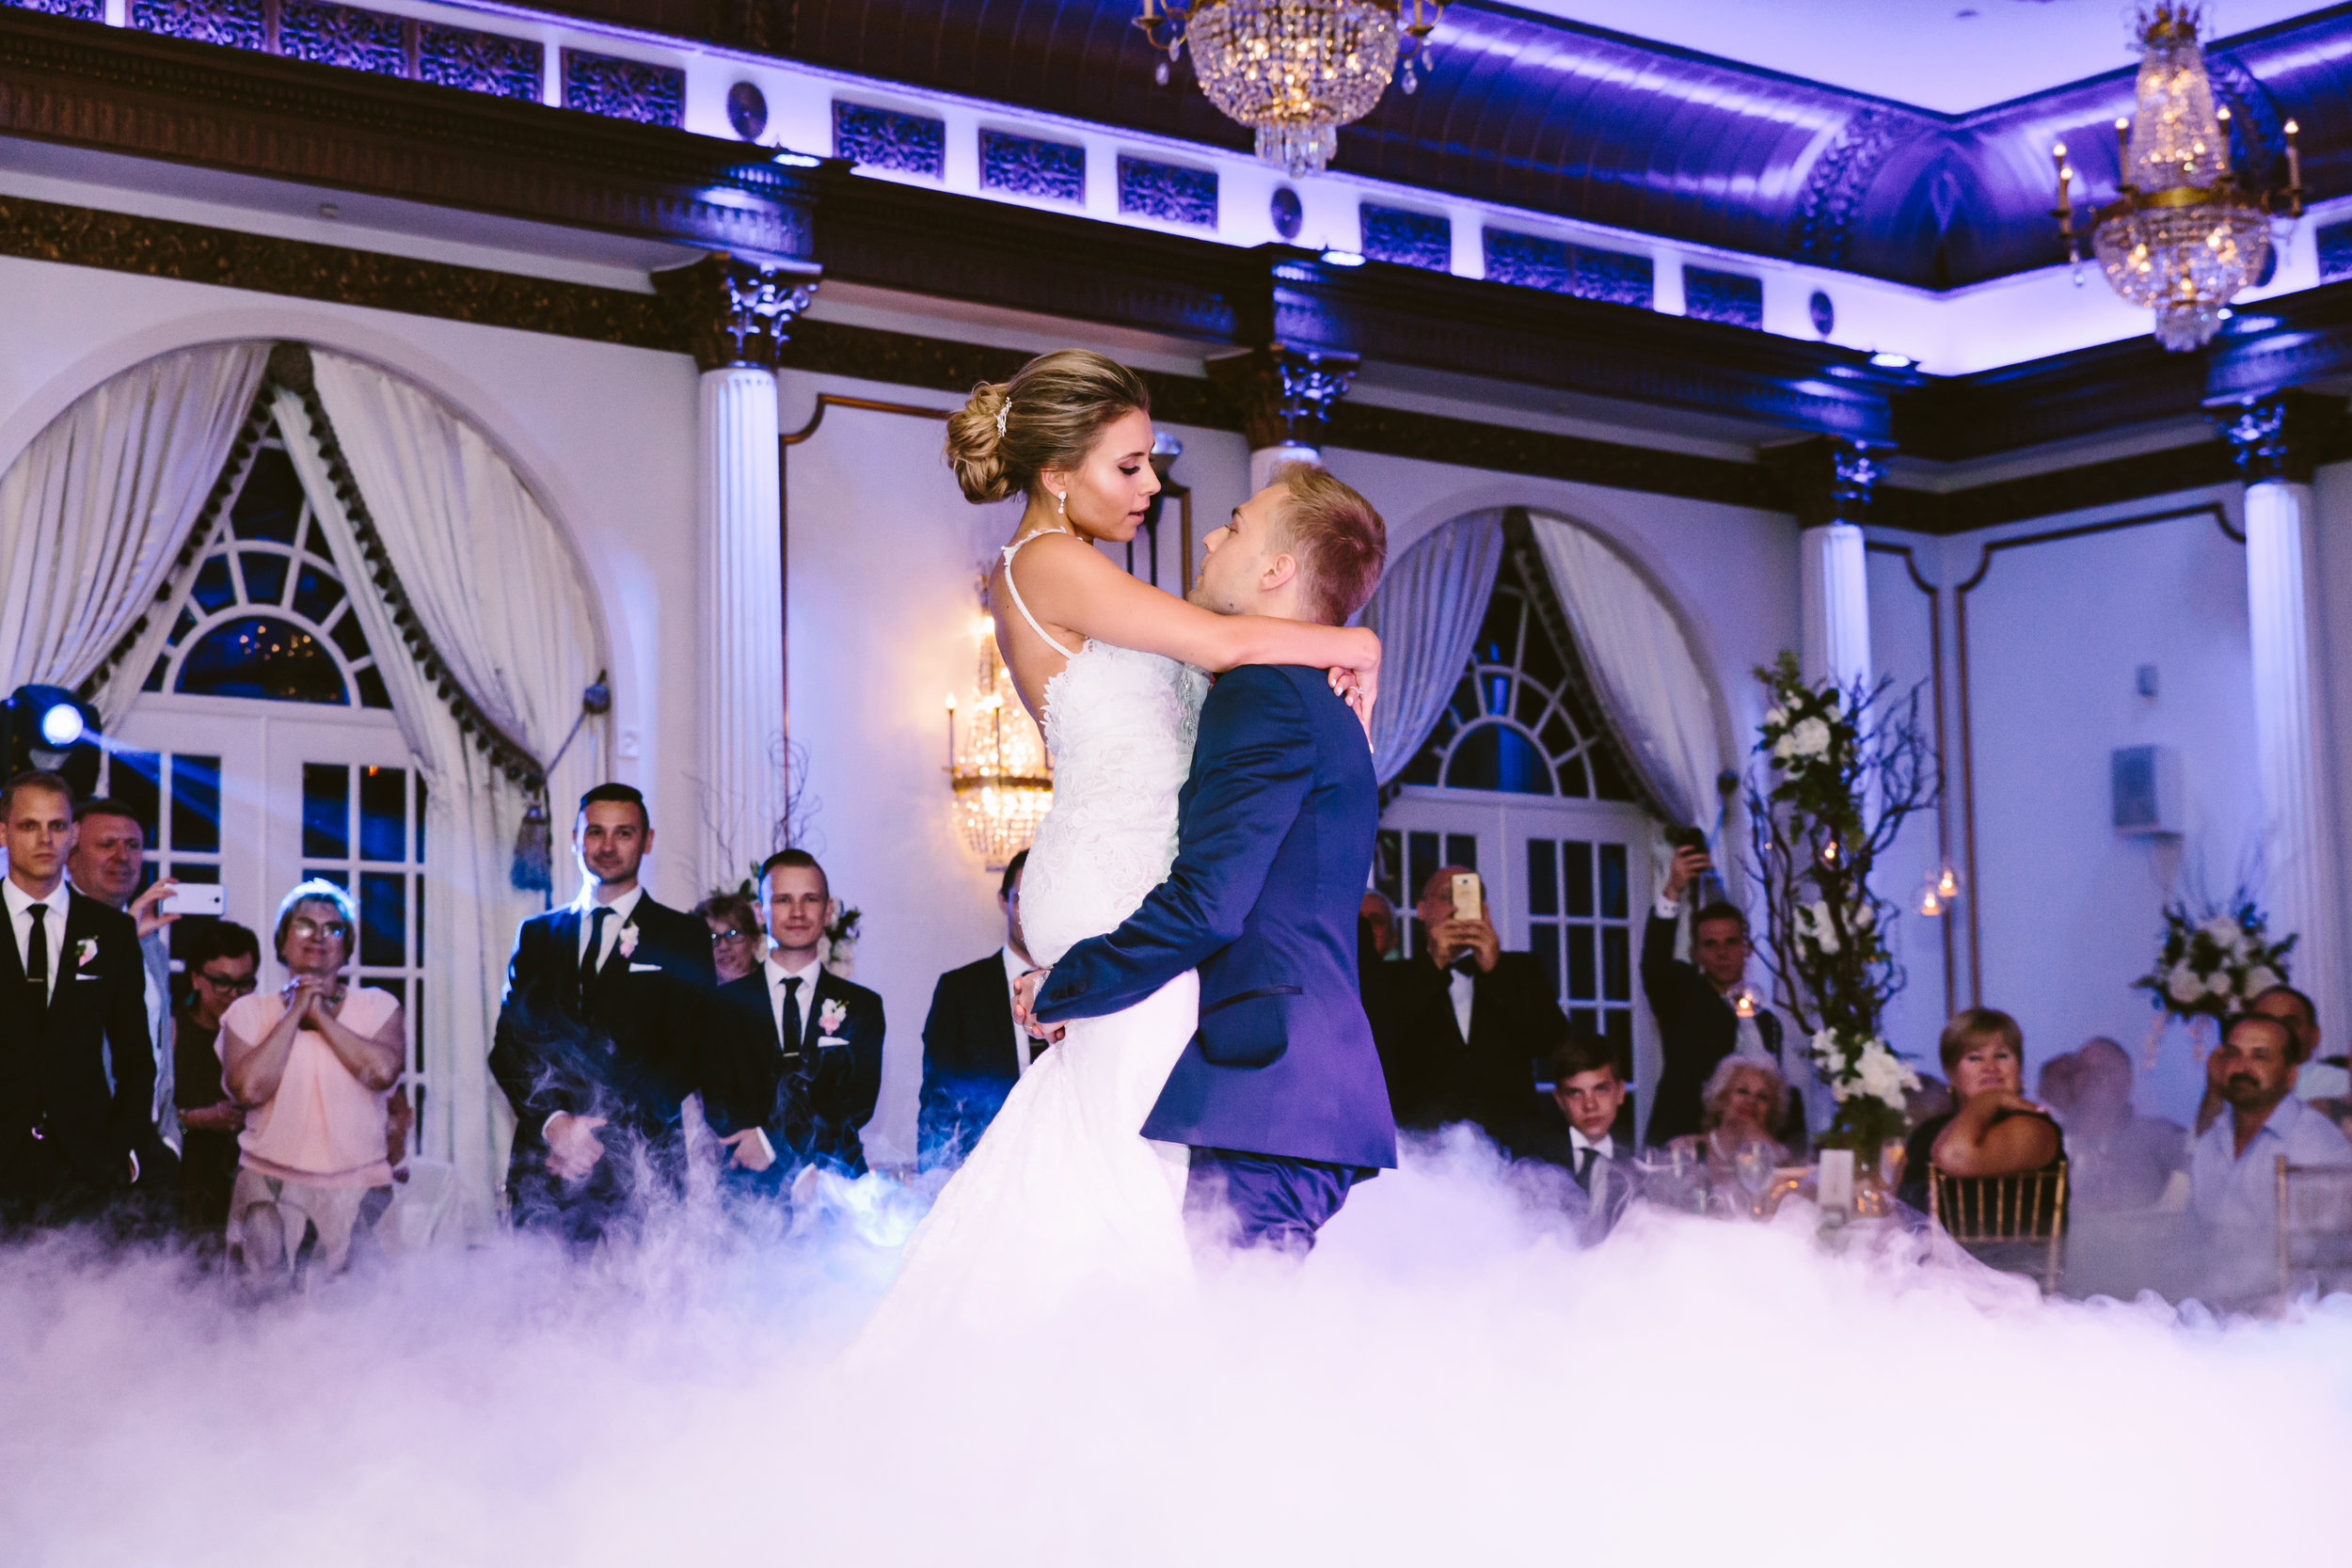 alex-edge-dj-wedding-crystal-plaza-9.jpg